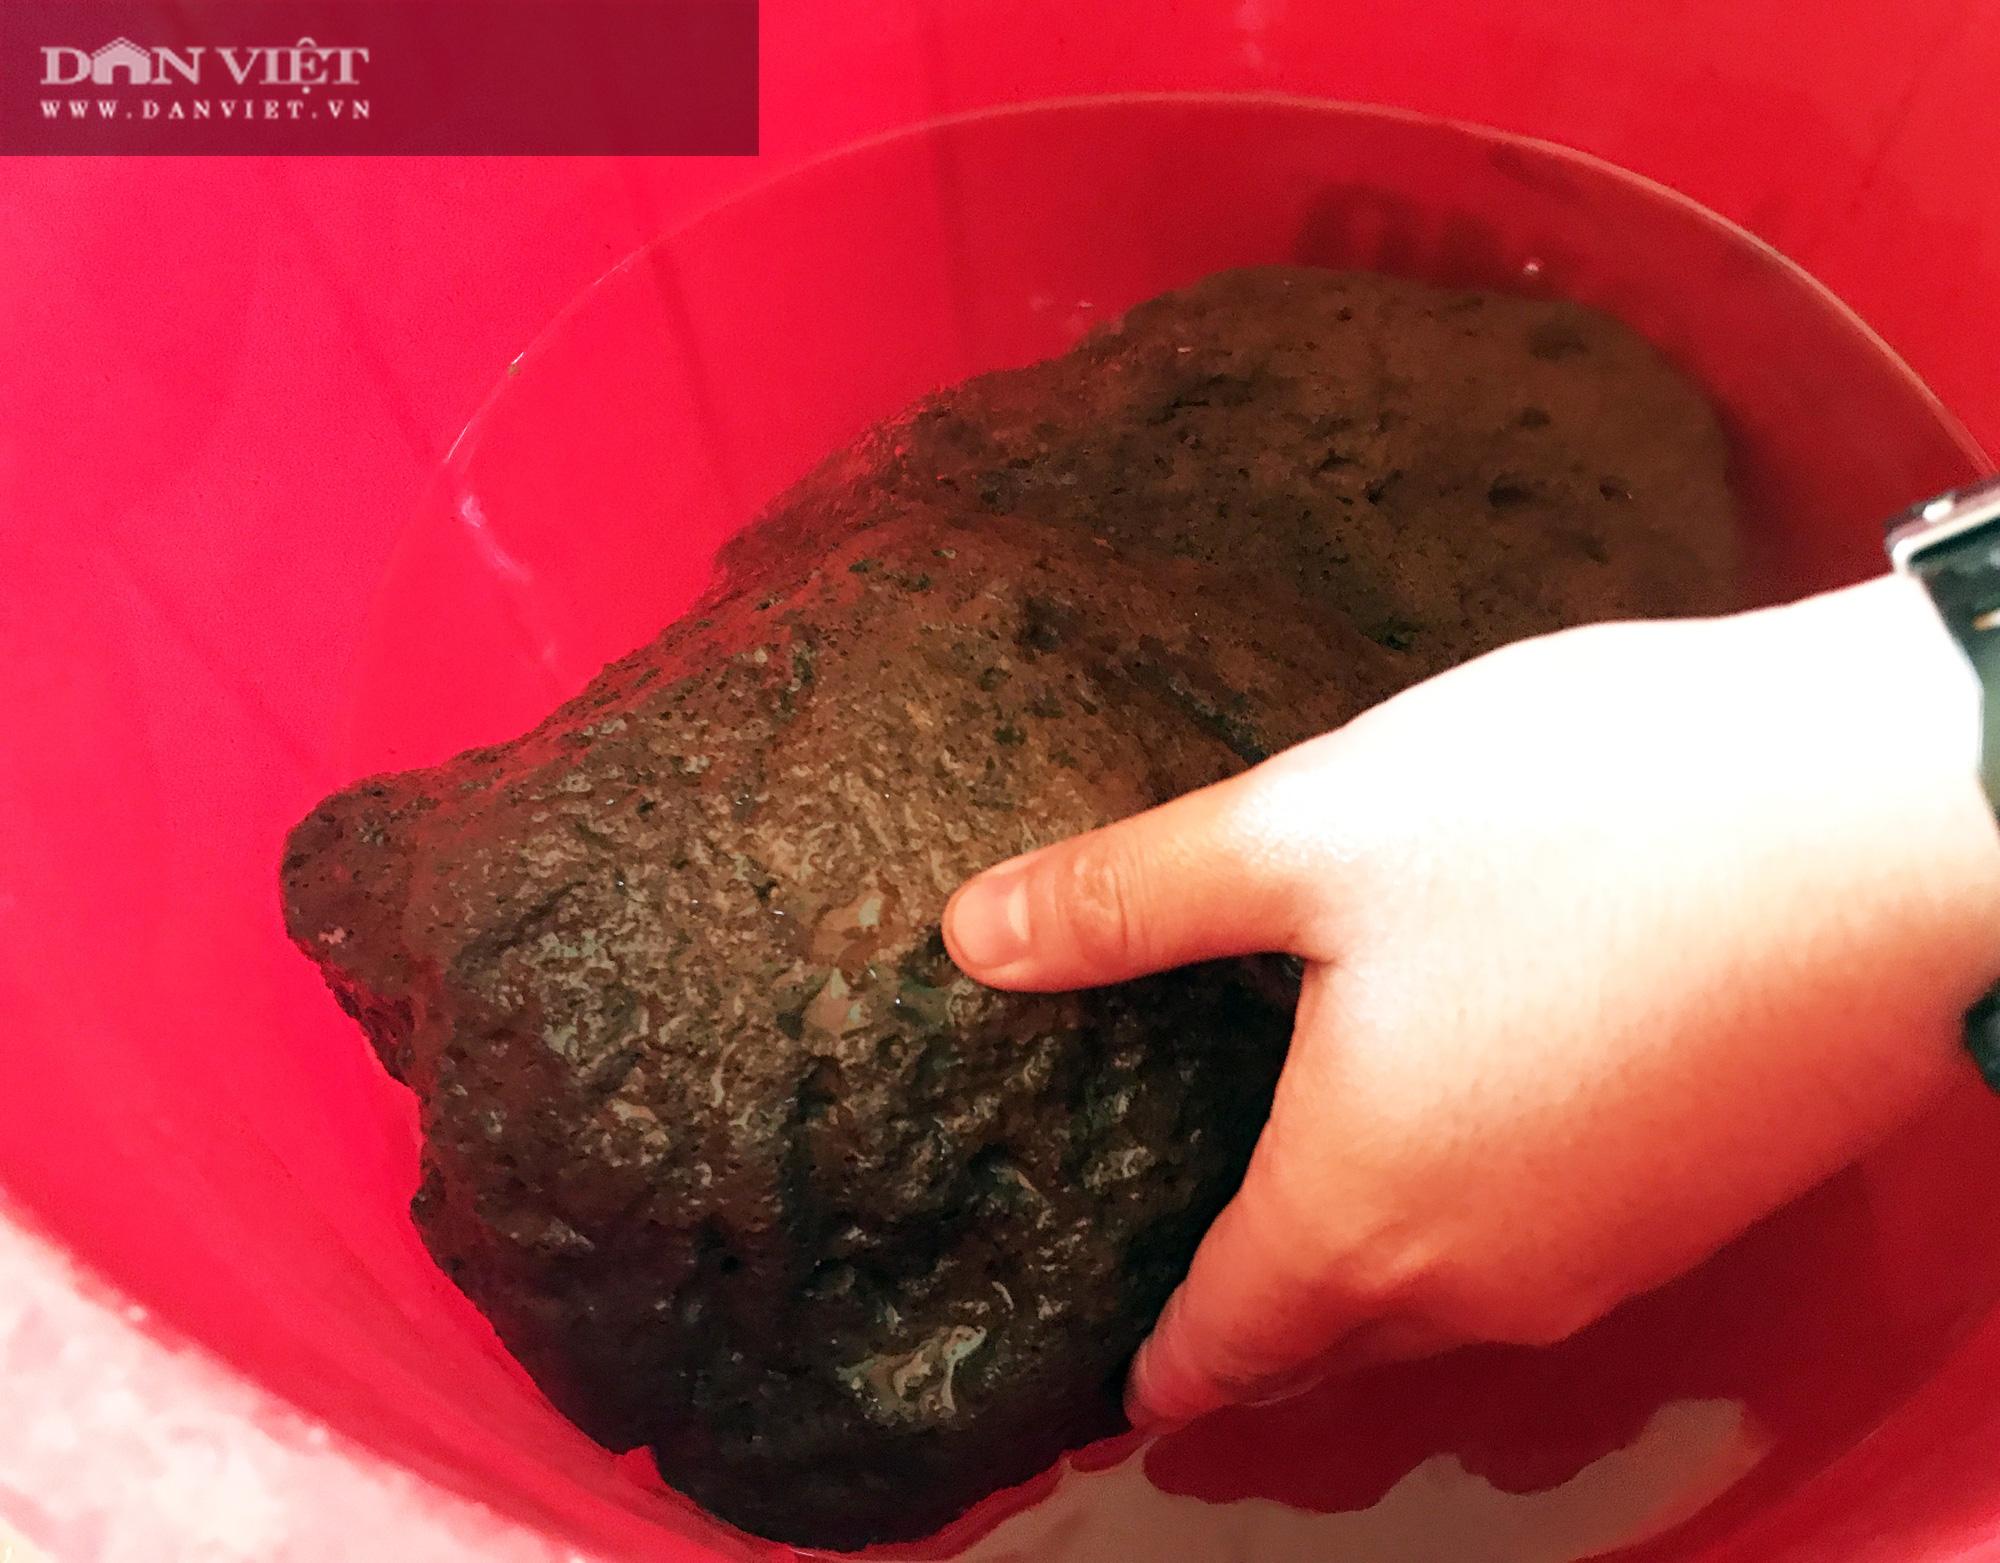 Chuyện lạ ở Sóc Trăng: Cặp đá nặng 4,2kg nổi được trên mặt nước  - Ảnh 7.